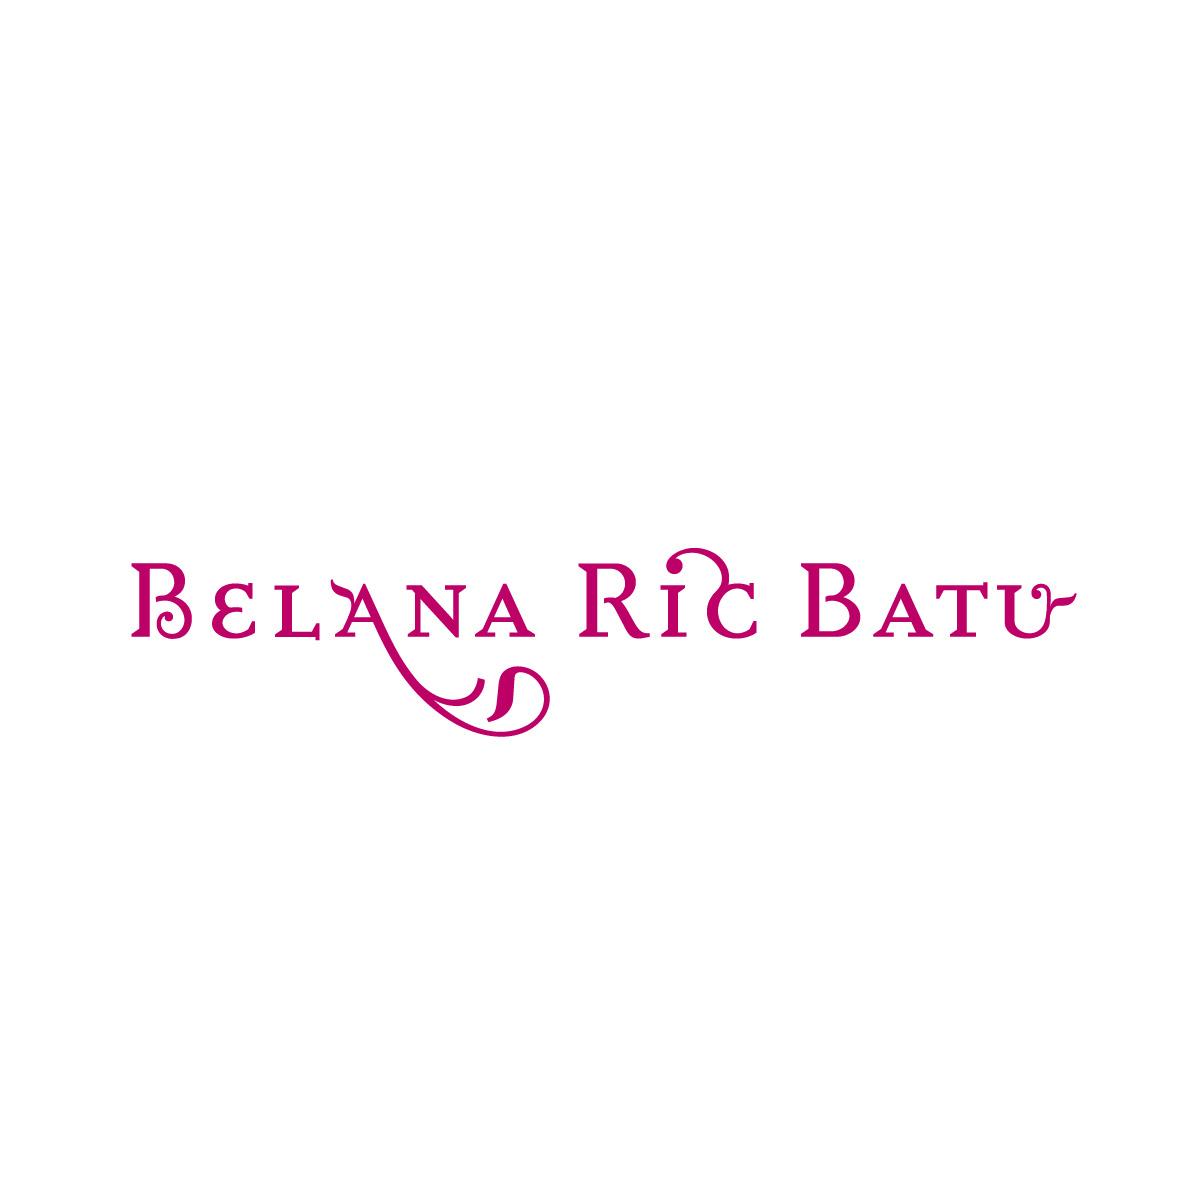 Firmenzeichen Unternehmenslogo Ric Batu Belana Signetentwicklung